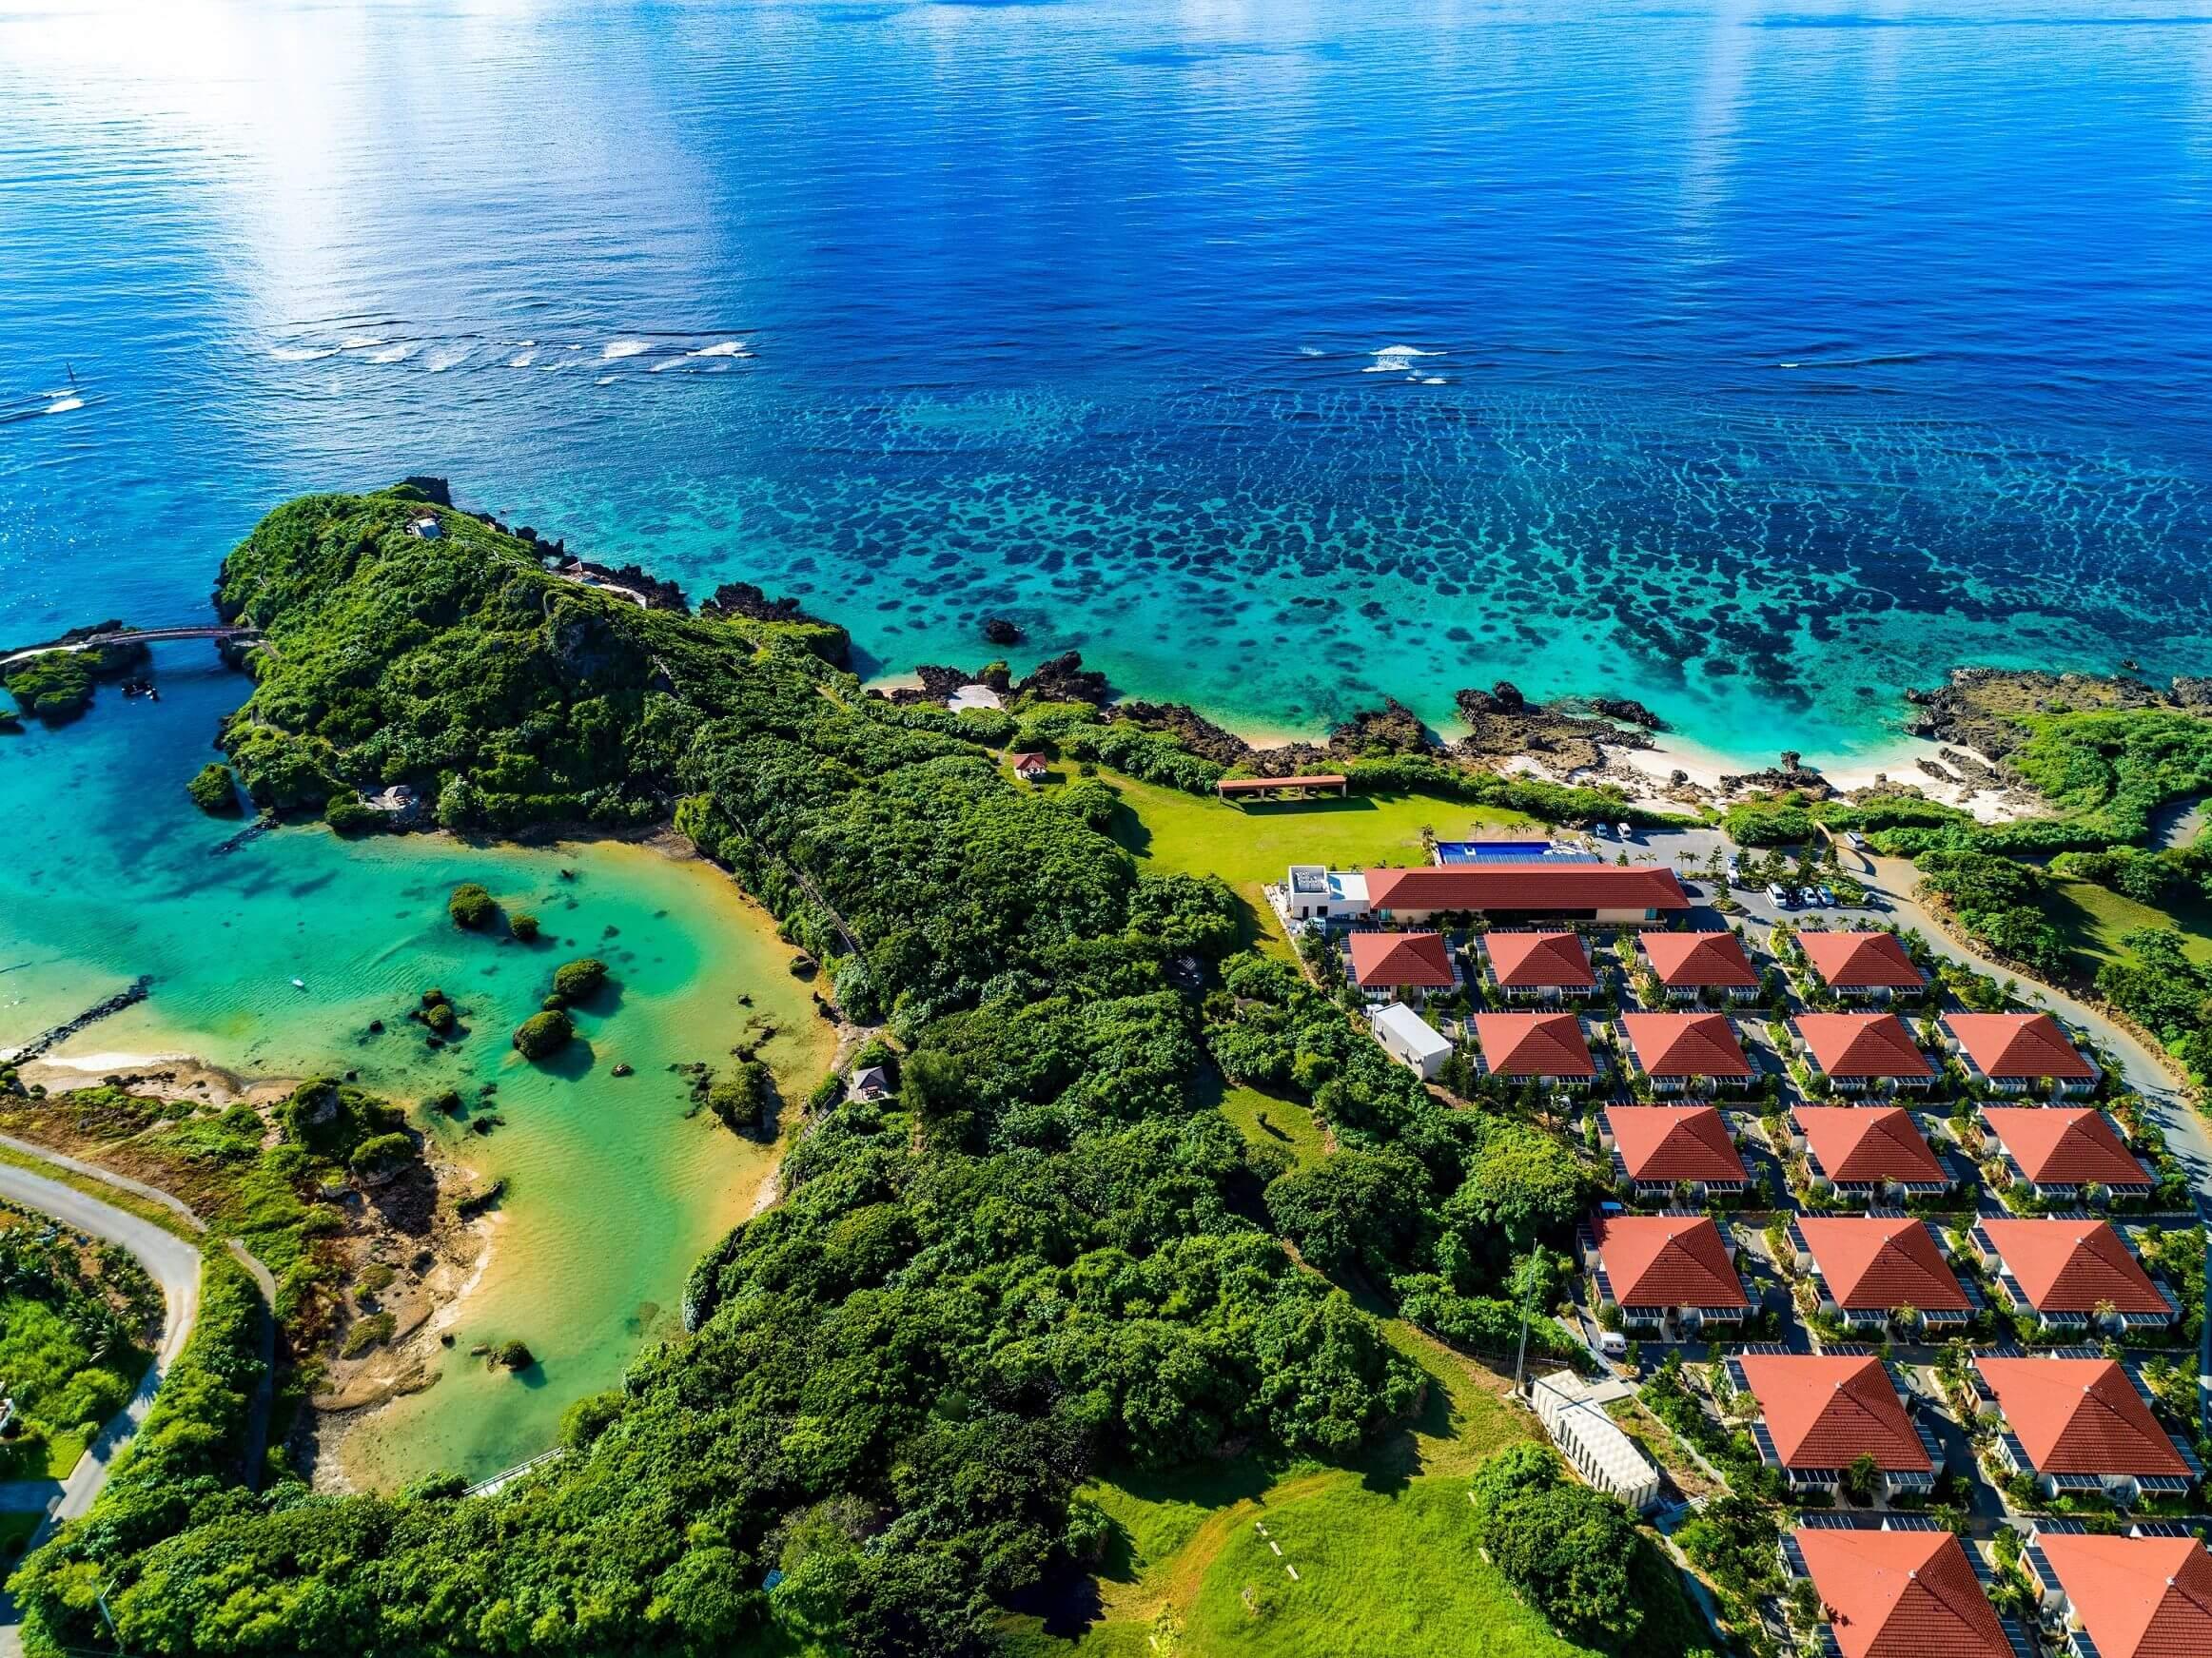 沖縄 宮古島の美しい海と絶景を堪能 ヴィラ アラマンダ インギャー